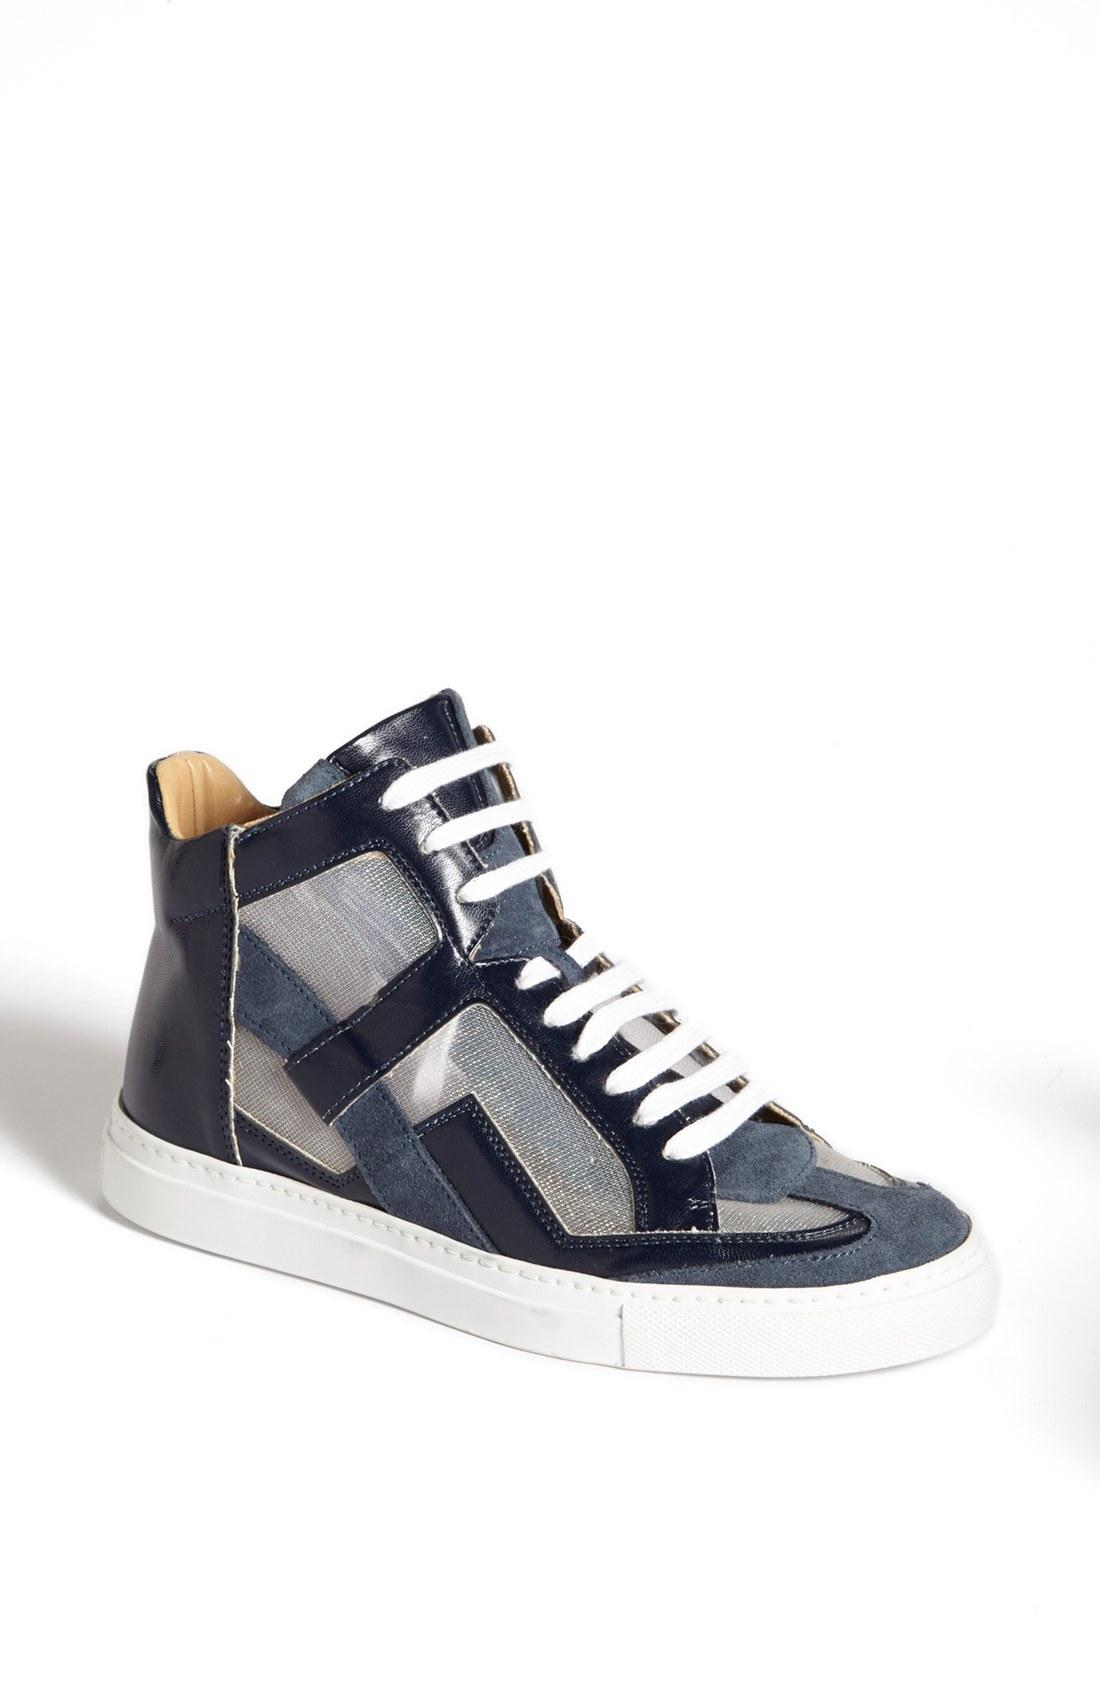 margiela sneakers sale lookup beforebuying. Black Bedroom Furniture Sets. Home Design Ideas